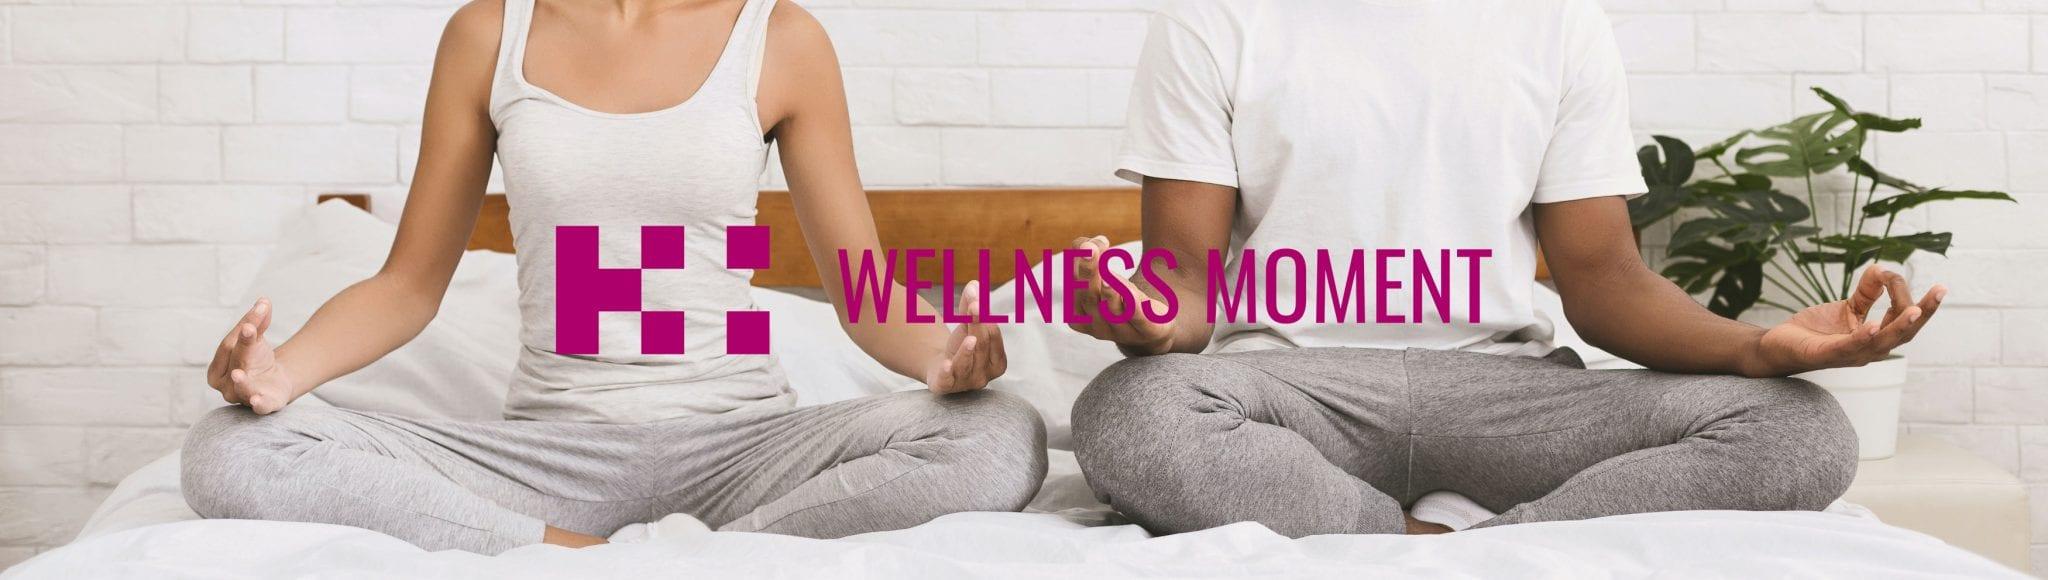 Wellness Rituals Wellness Moment